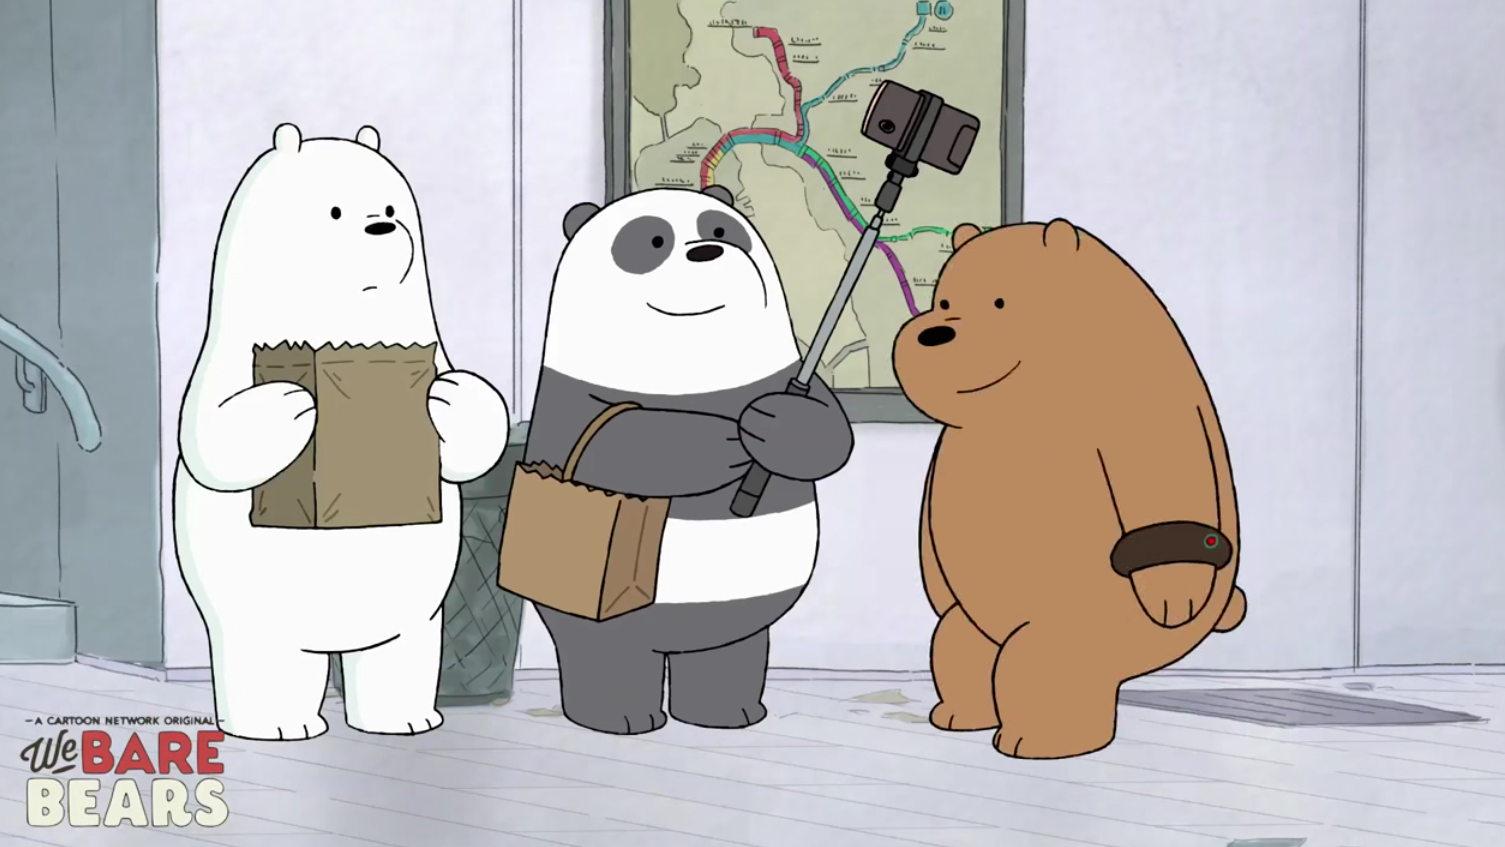 cartoon network présente ses séries animées pour 2017 - 3dvf